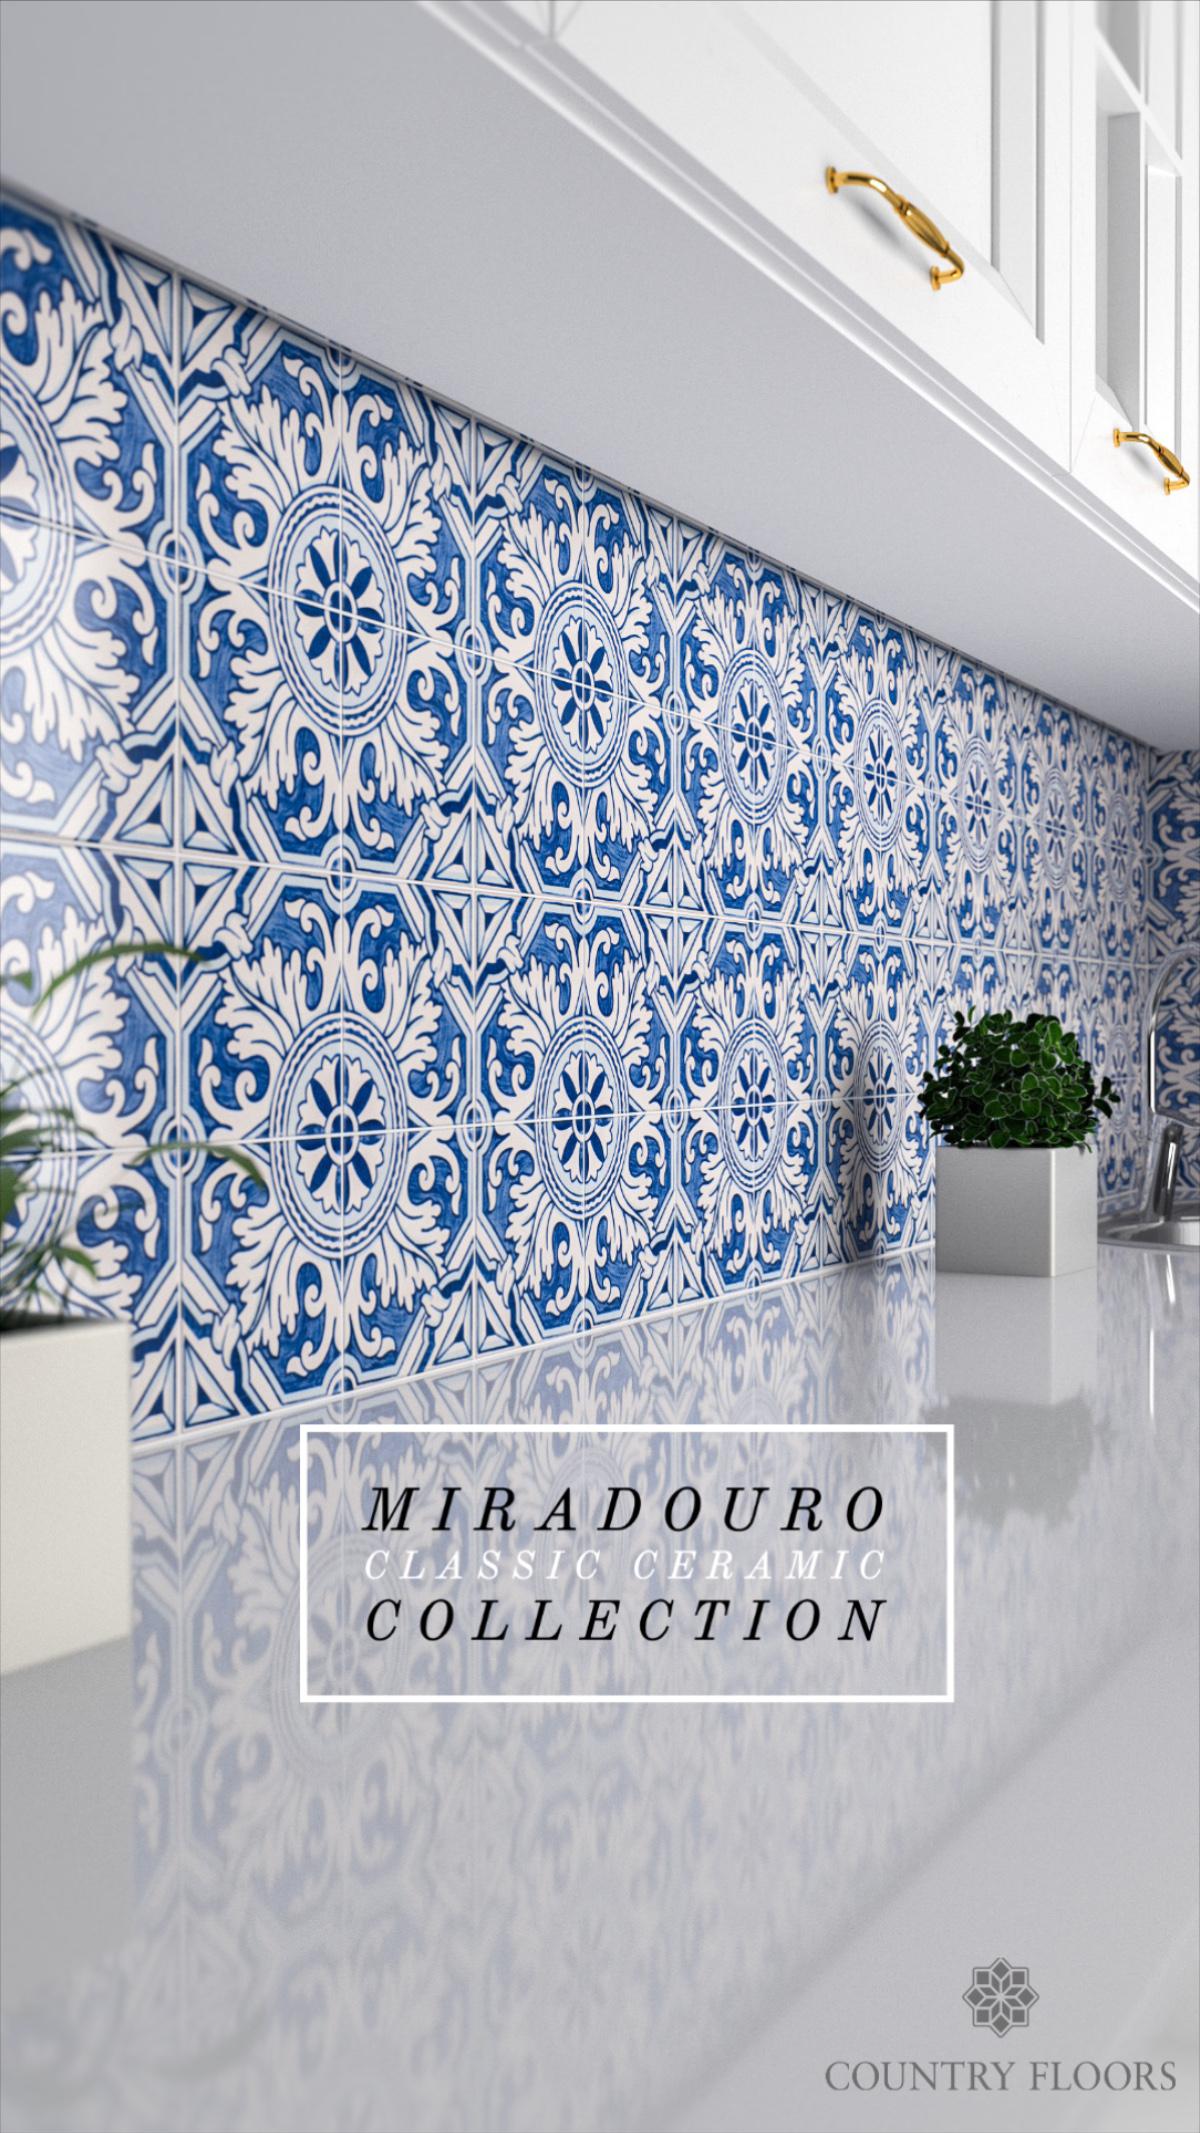 Miradouro Classic Ceramic